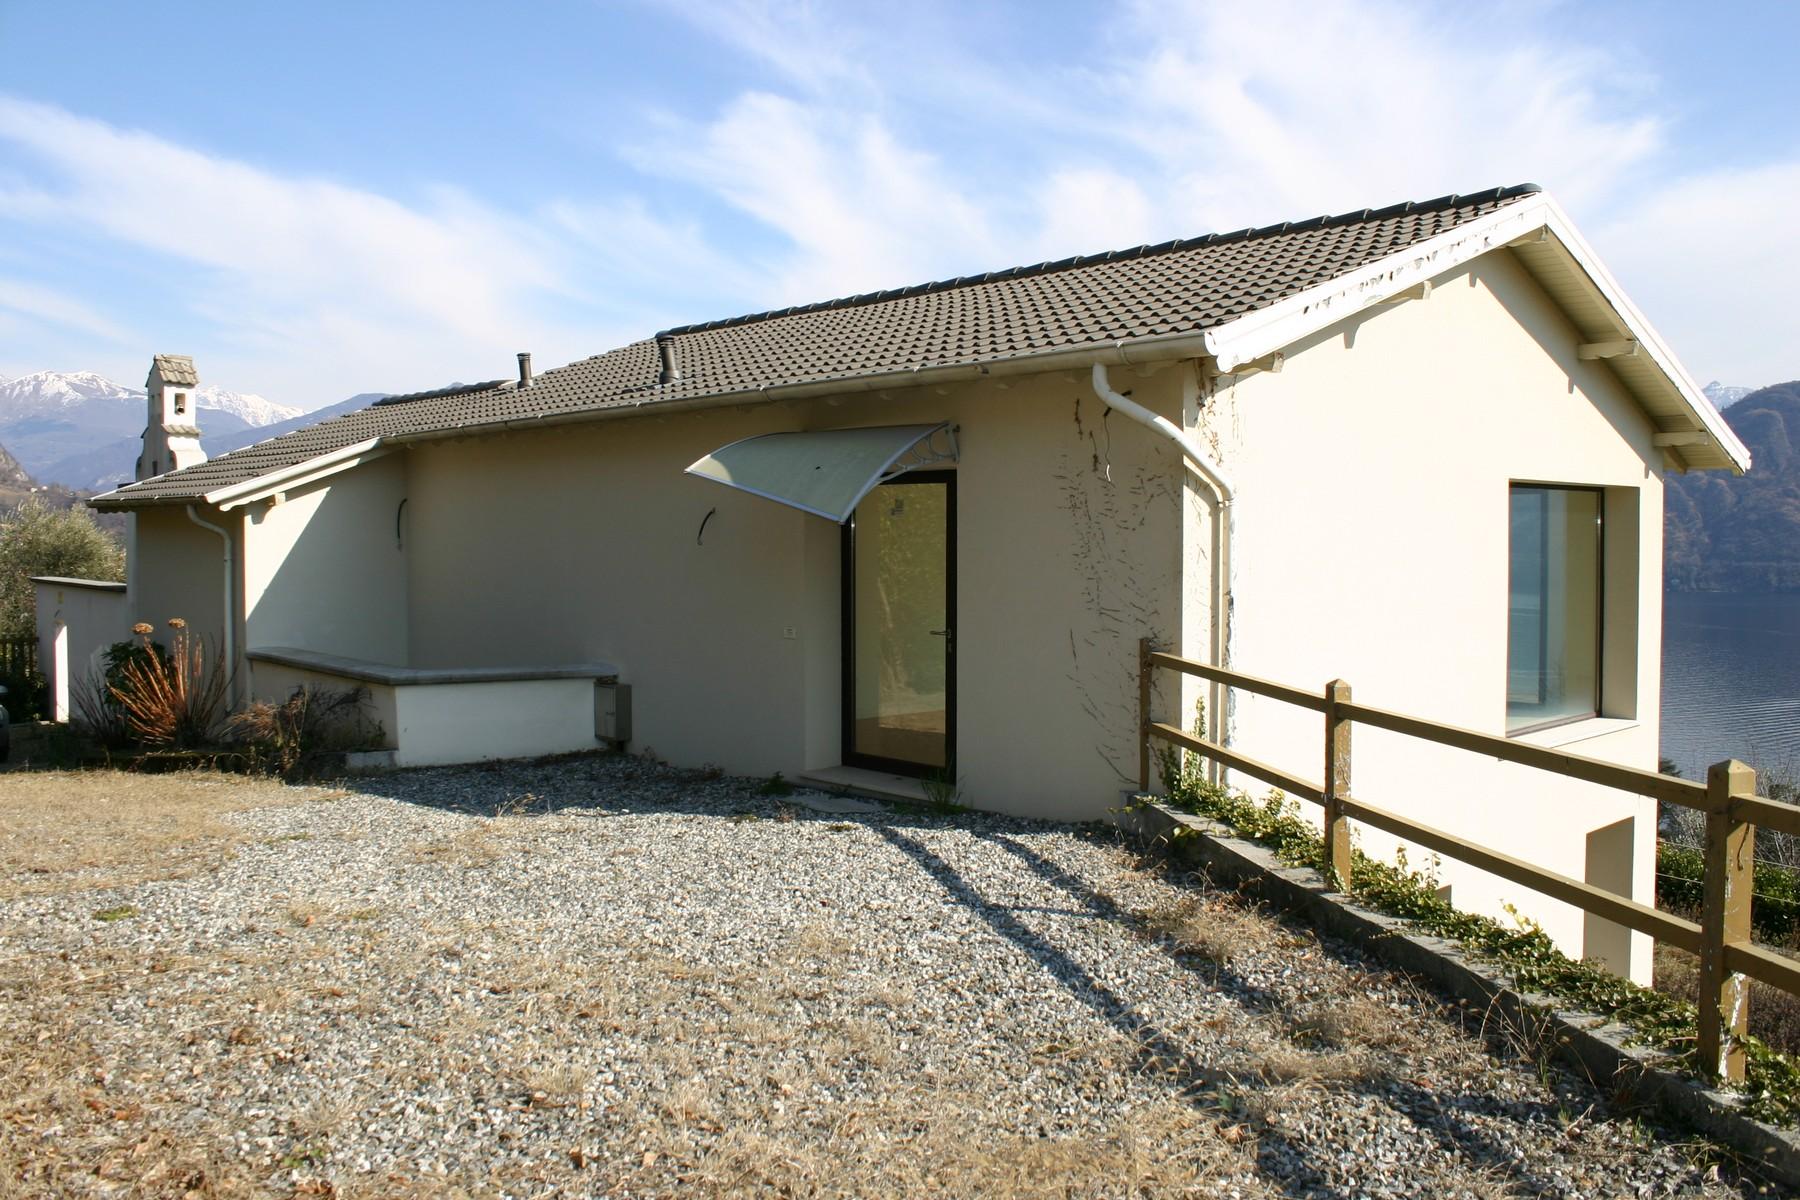 Villa in Vendita a Mezzegra: 5 locali, 240 mq - Foto 6